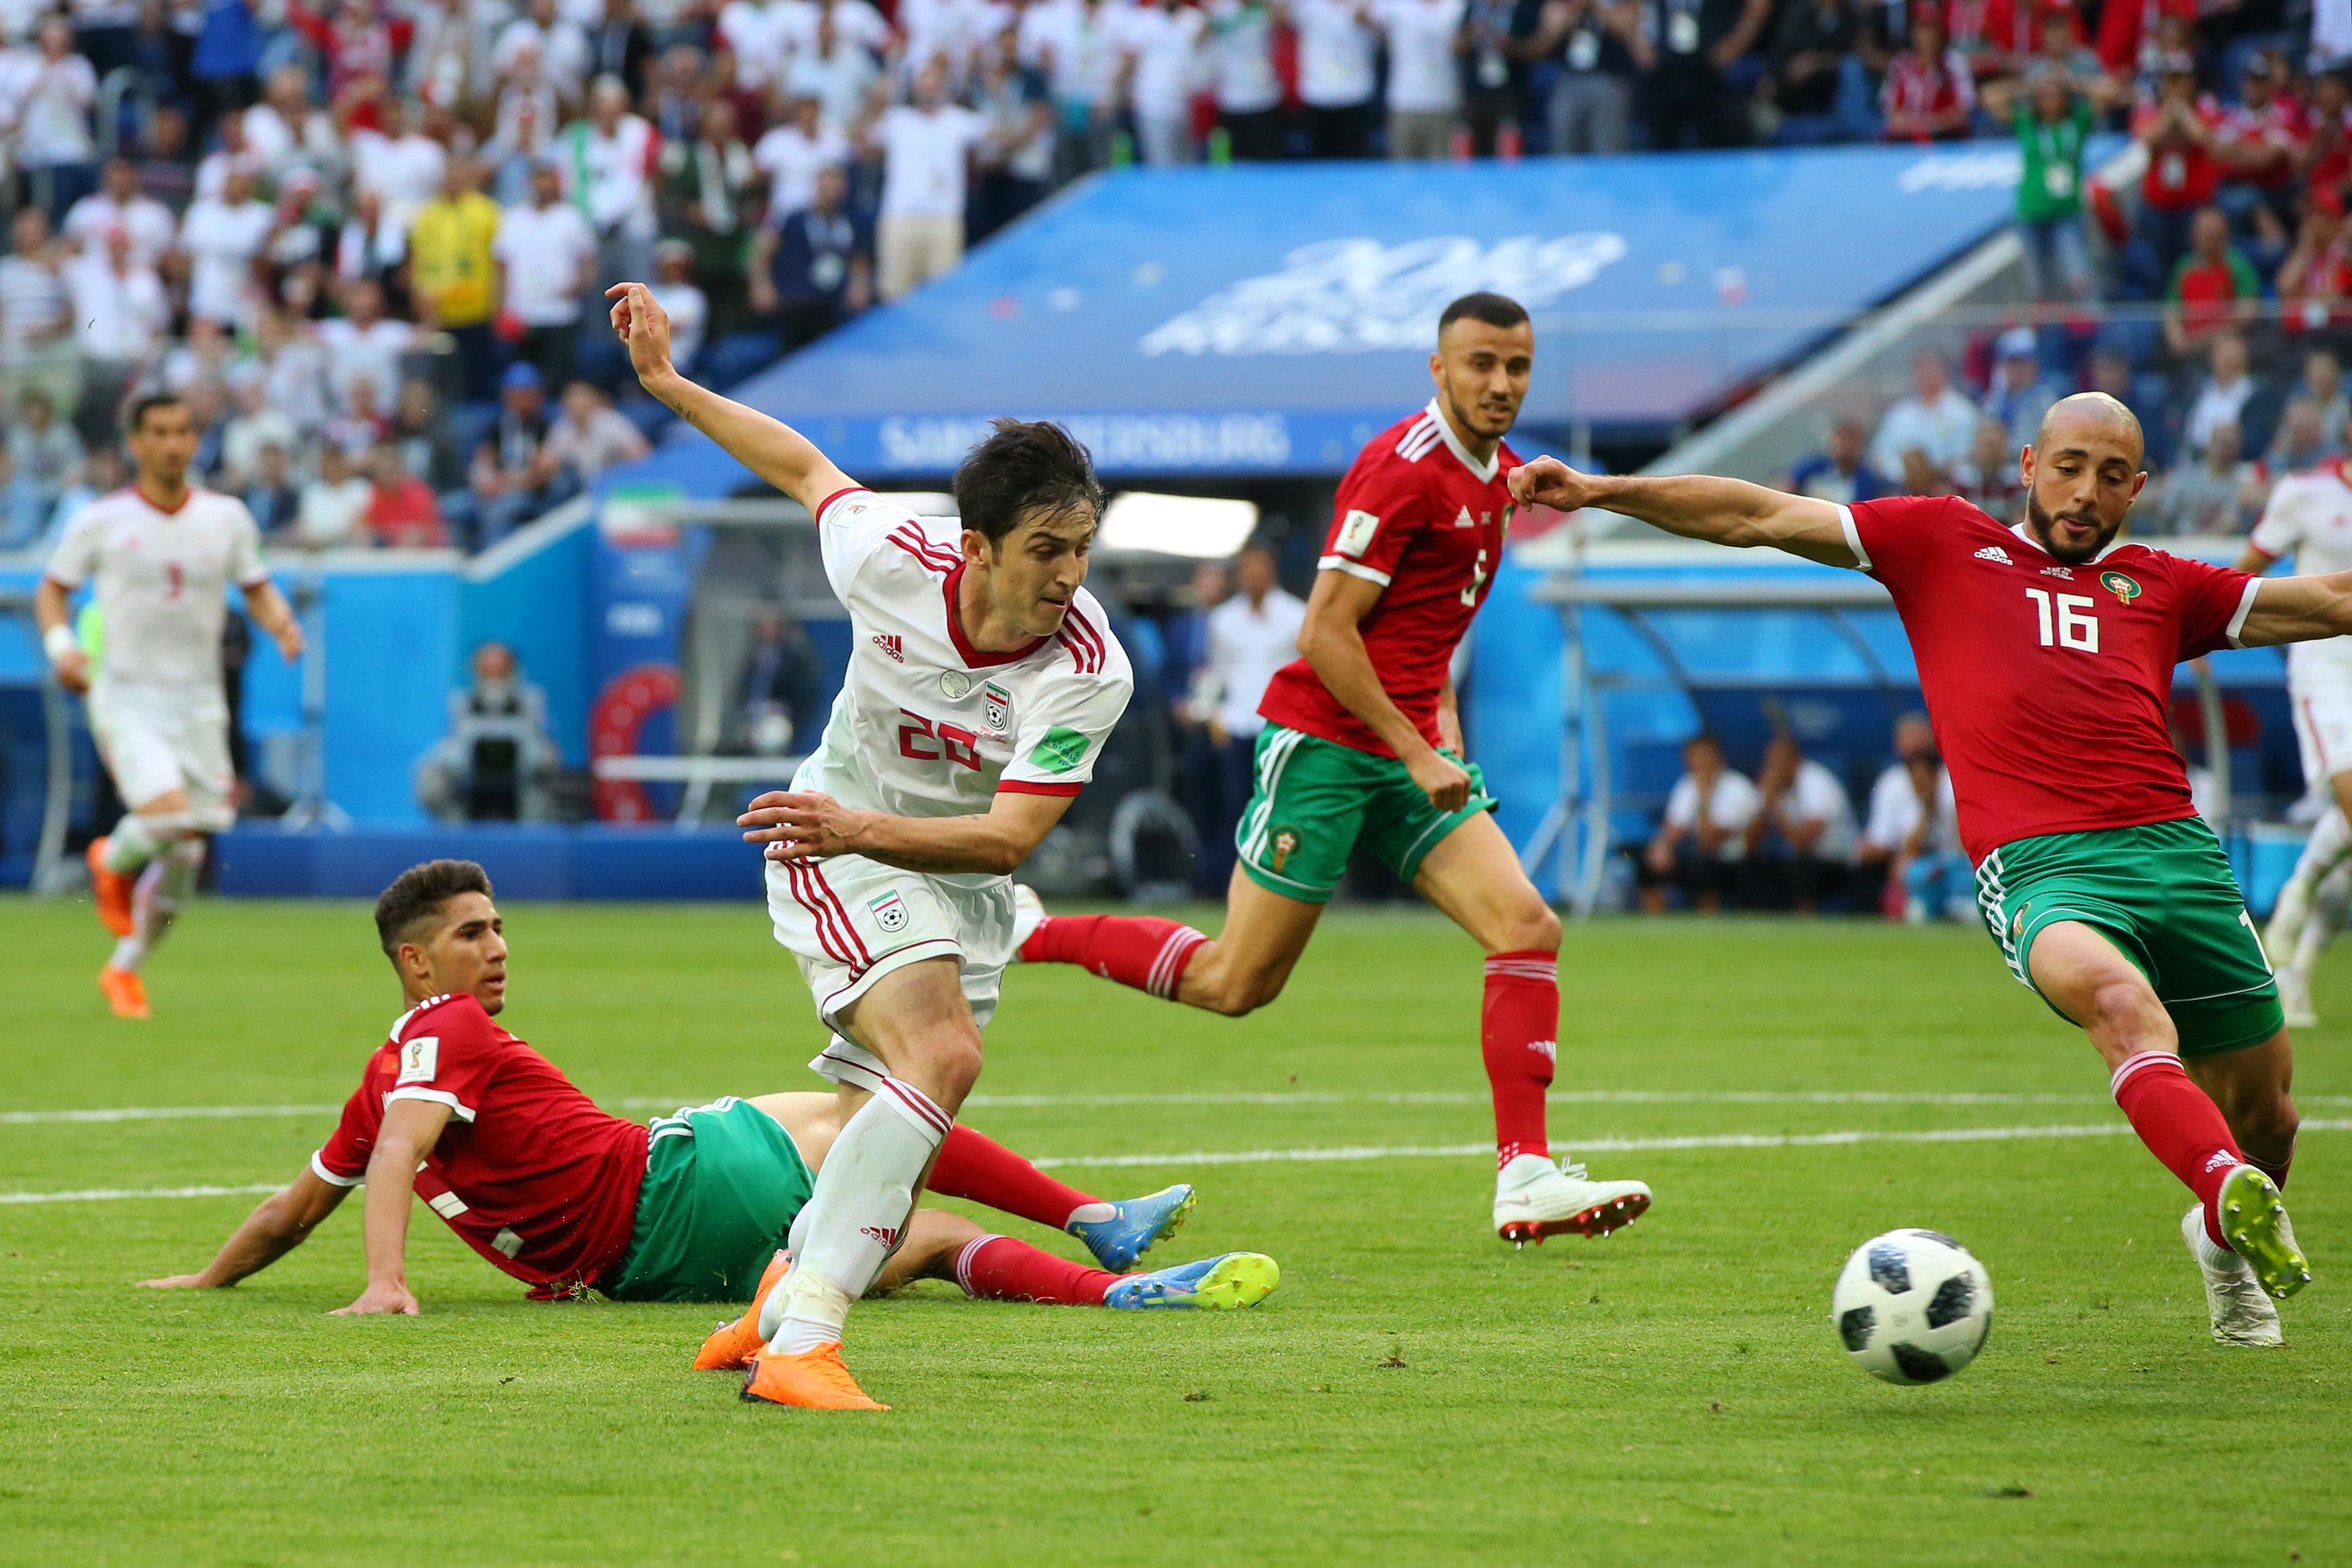 Irán Vence Marruecos Mundial Rusia 2018